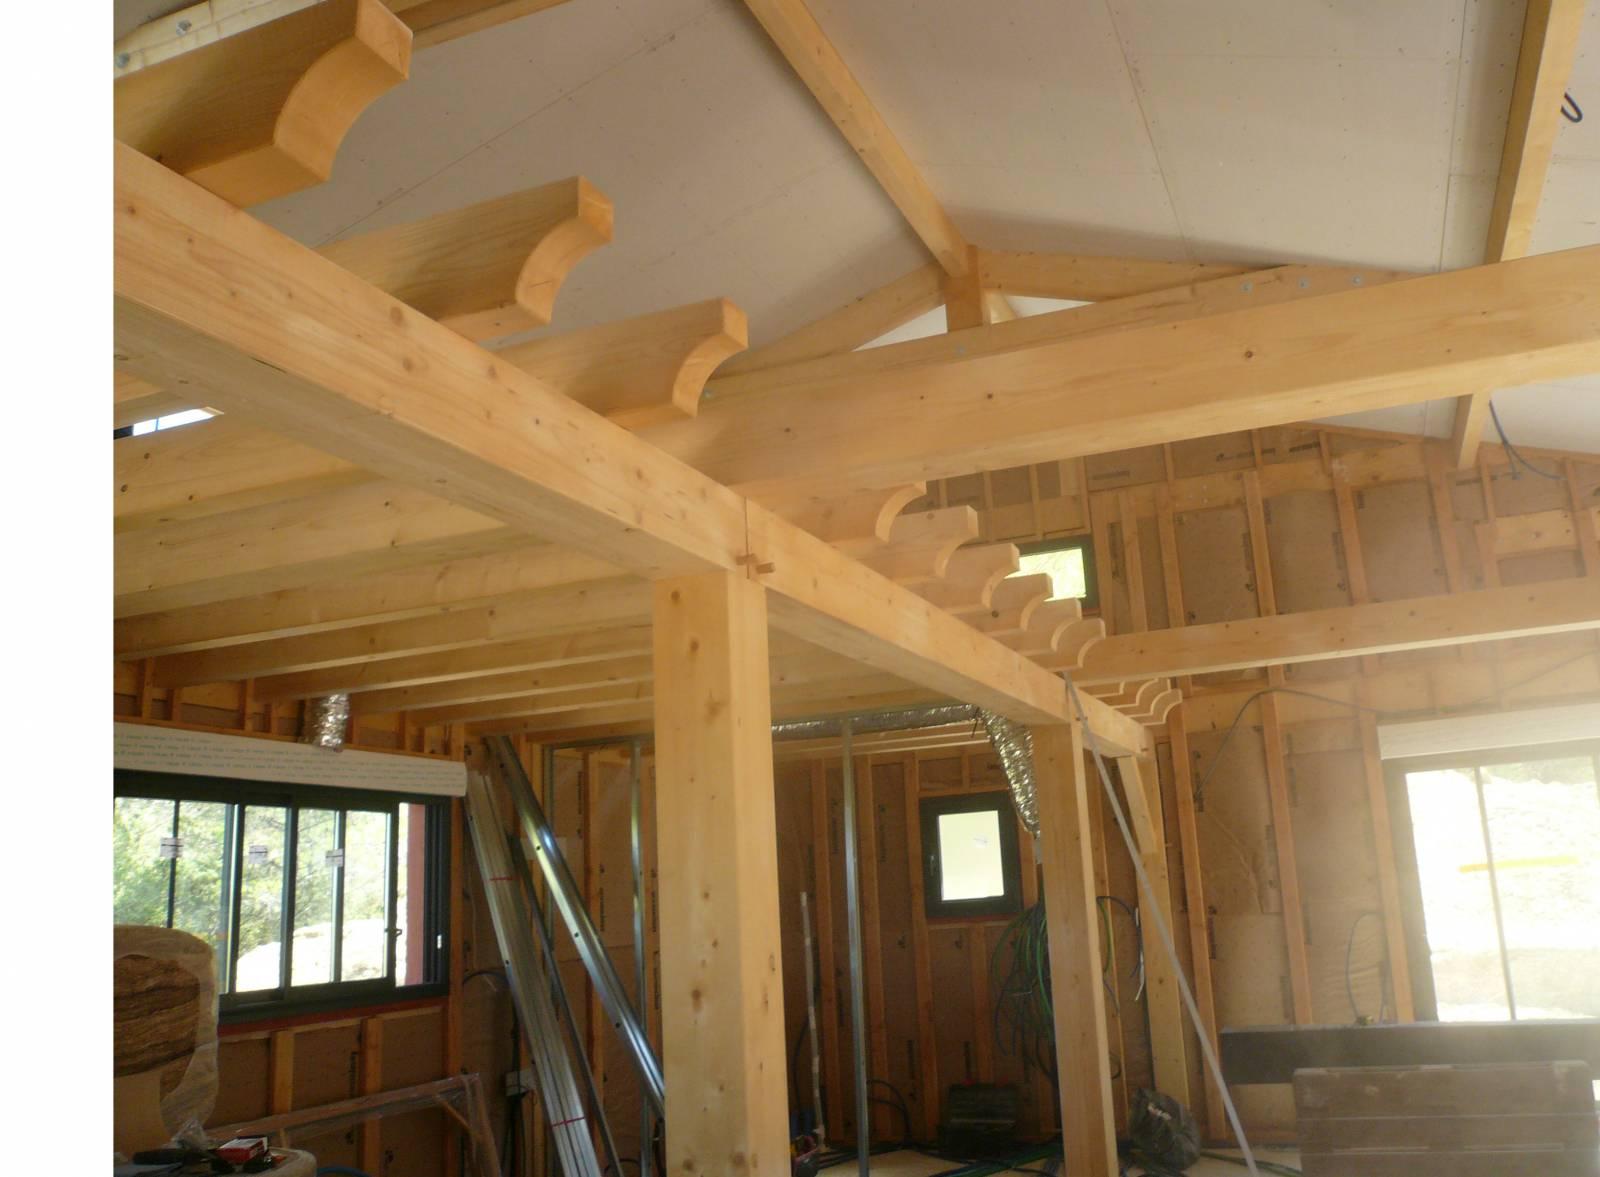 Cout construction maison gard for Construction maison contemporaine gard